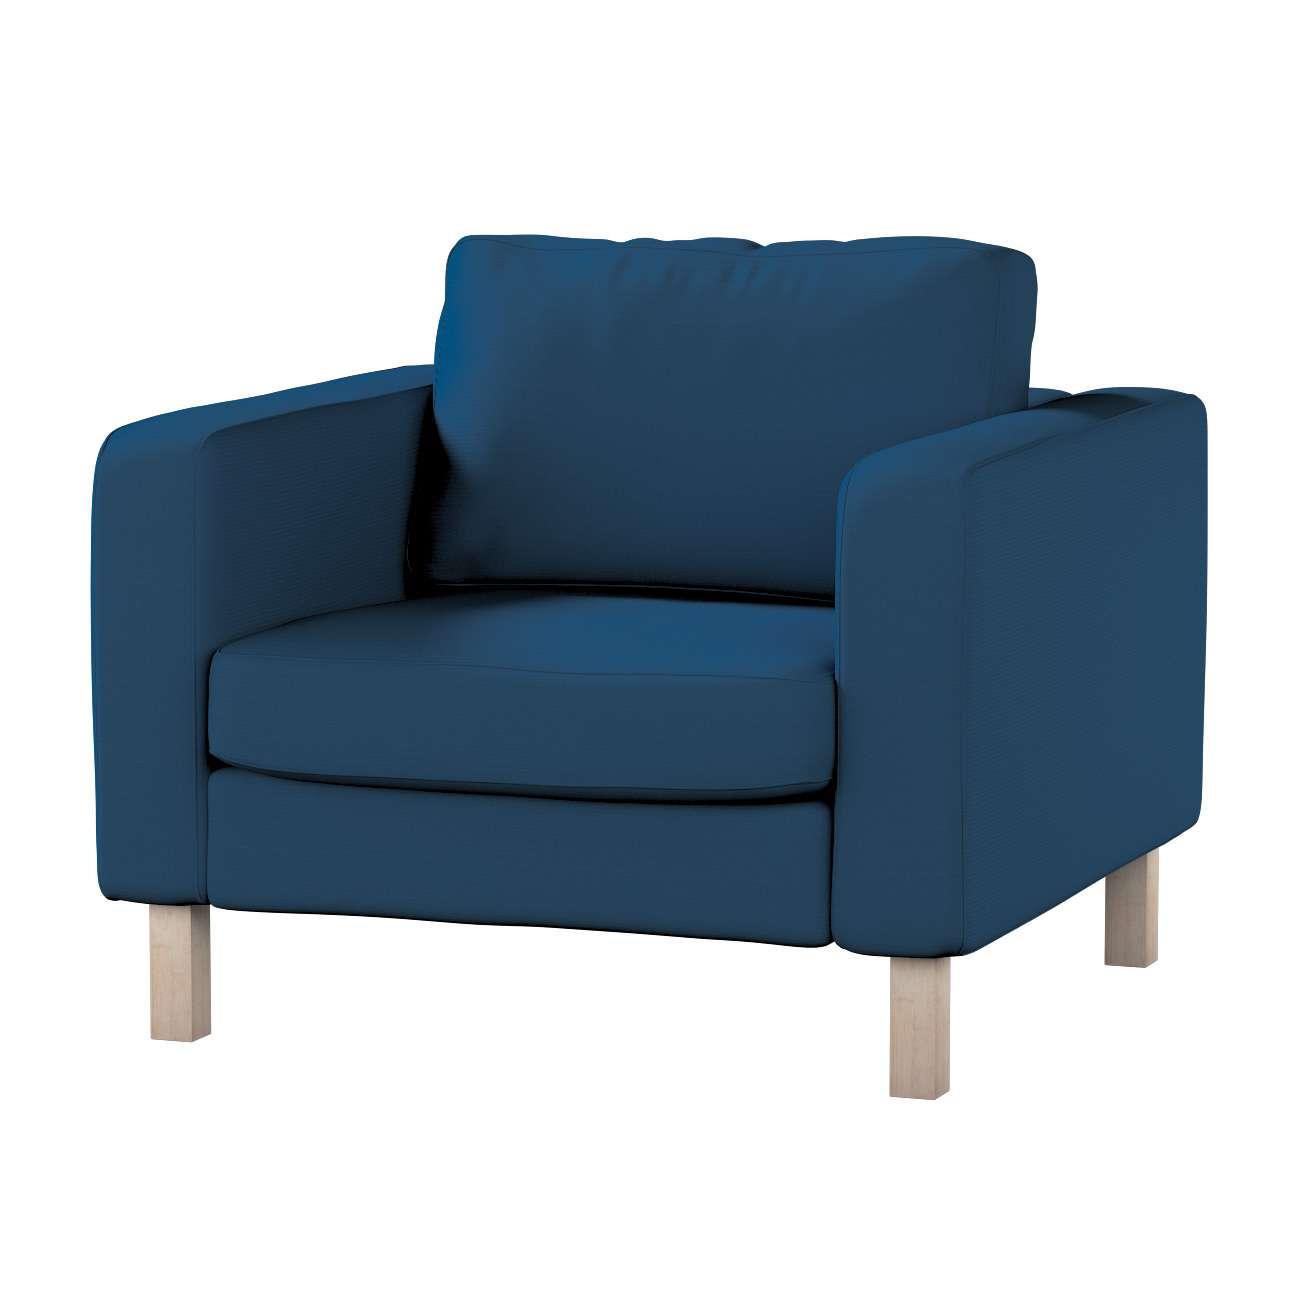 Pokrowiec na fotel Karlstad, krótki Fotel Karlstad w kolekcji Cotton Panama, tkanina: 702-30